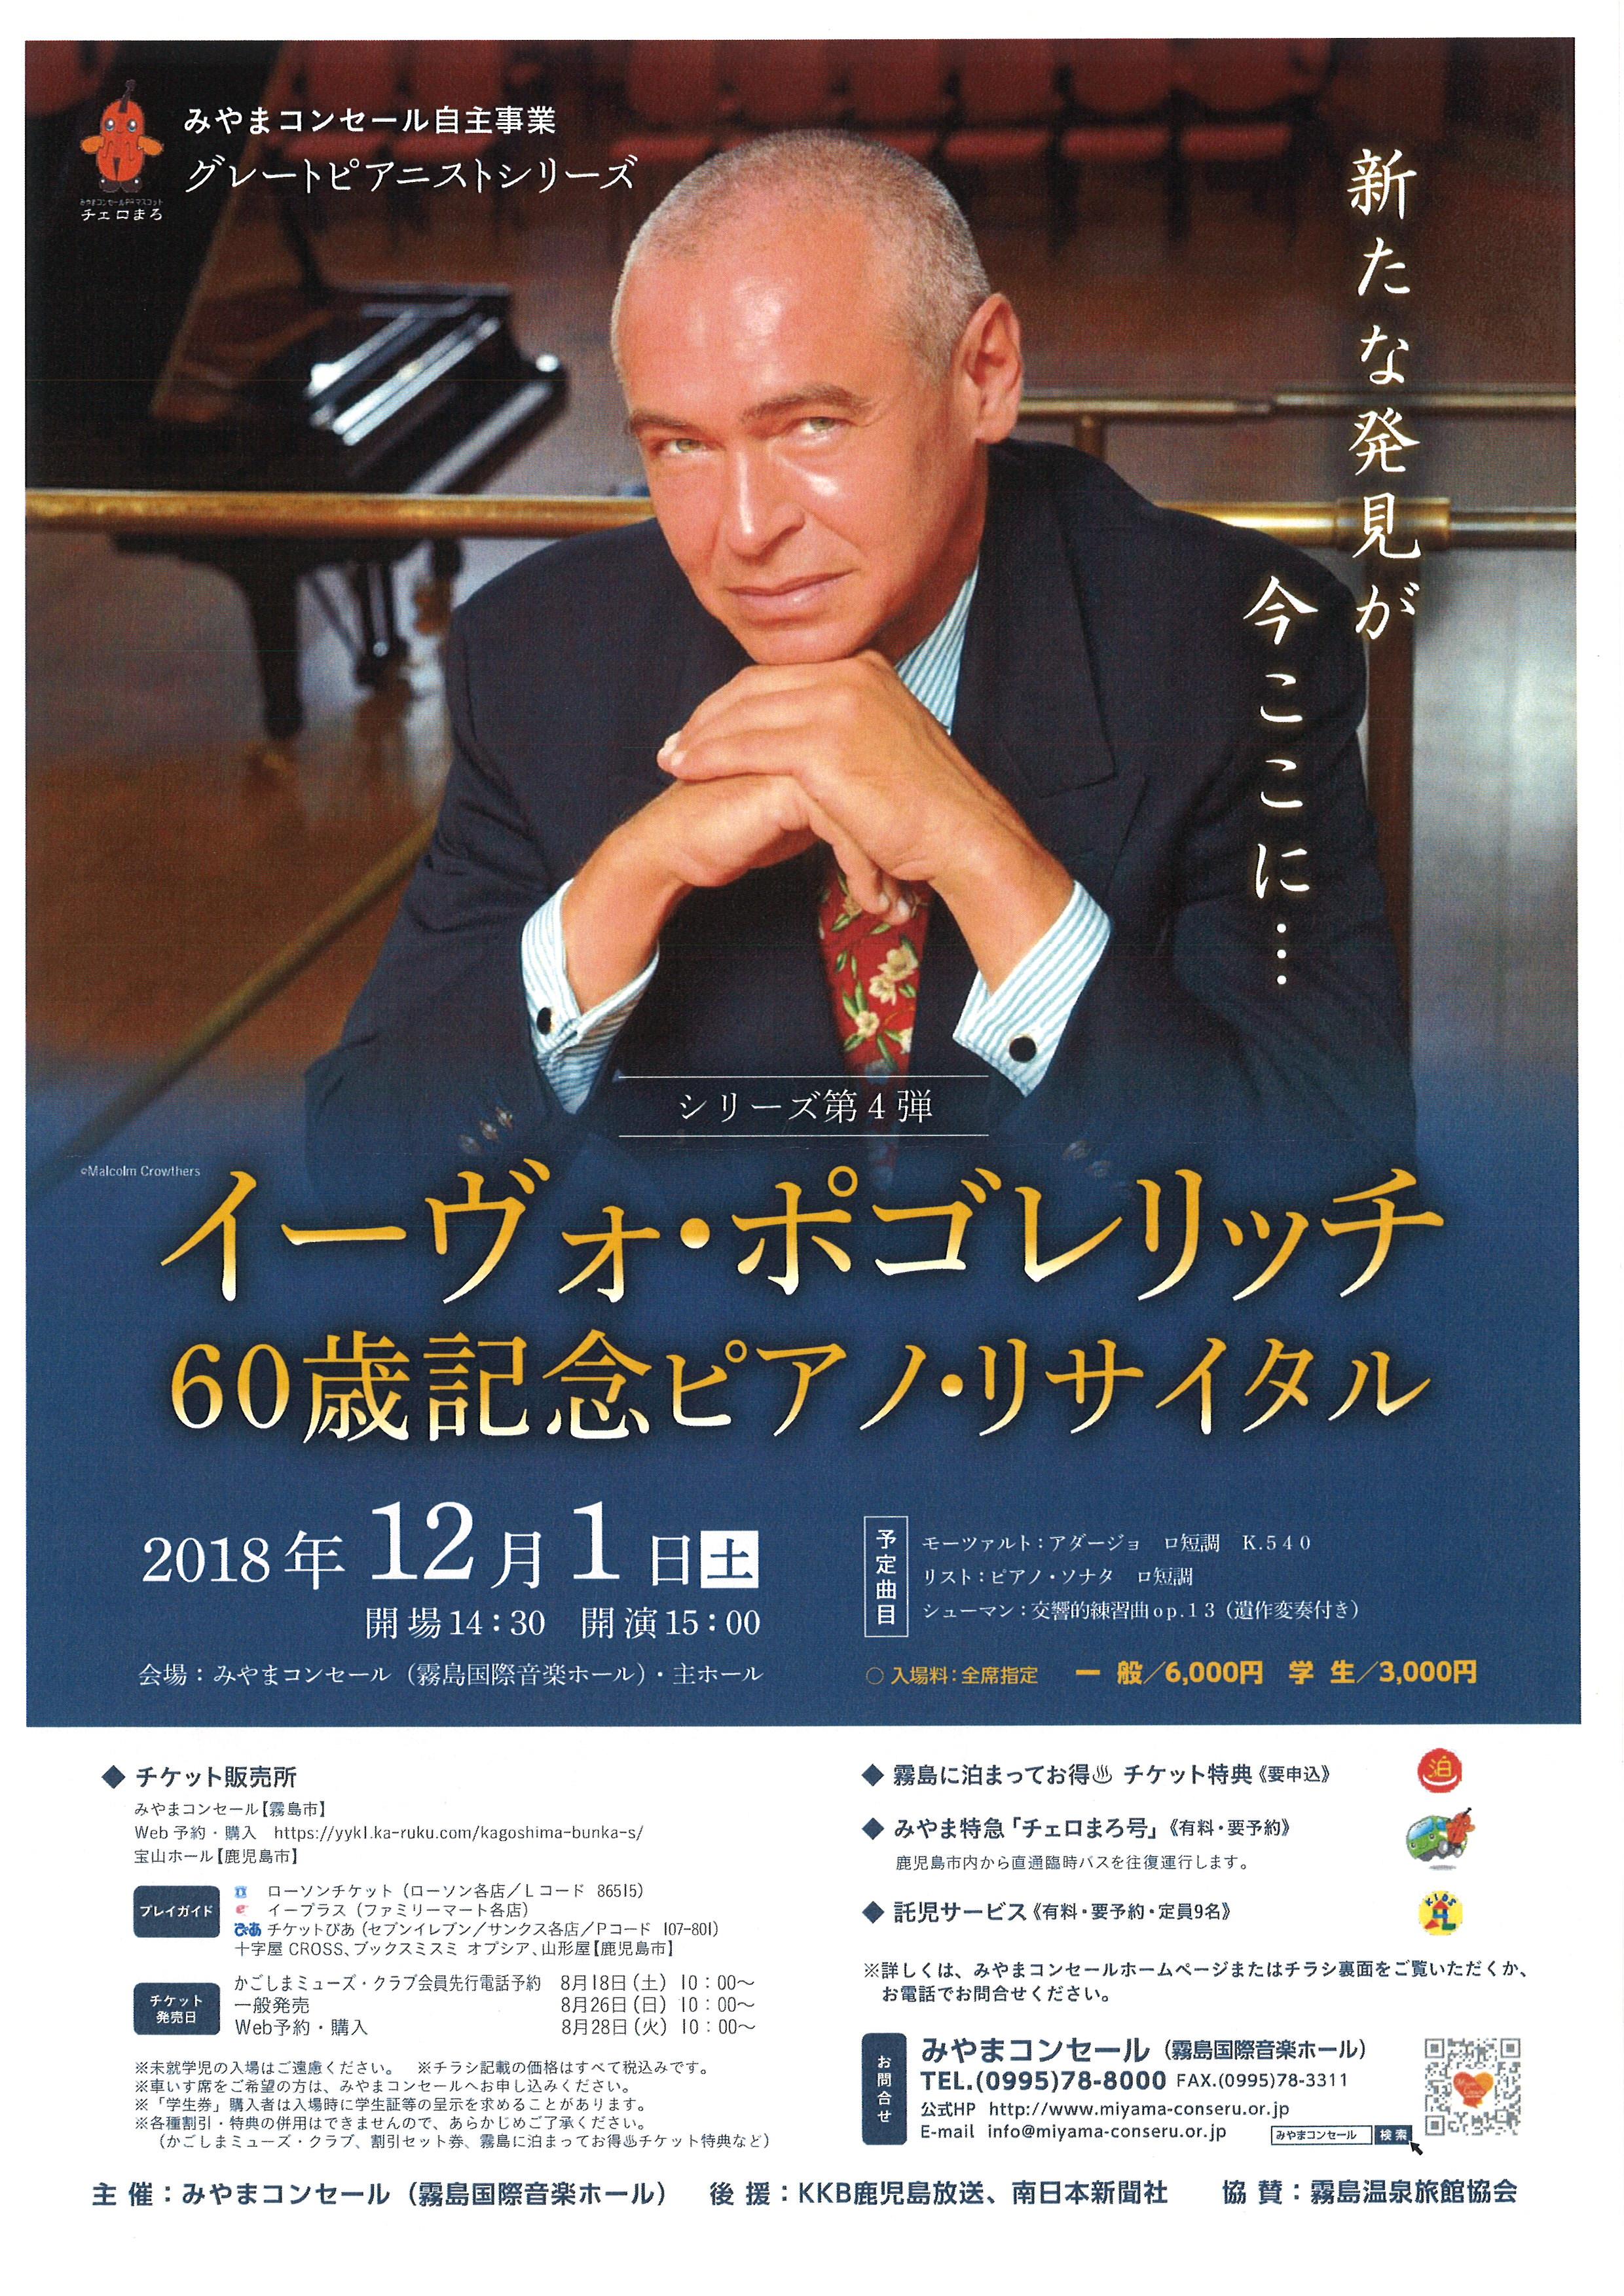 イーヴォ・ポゴレリッチ 60歳記念 ピアノ・リサイタル